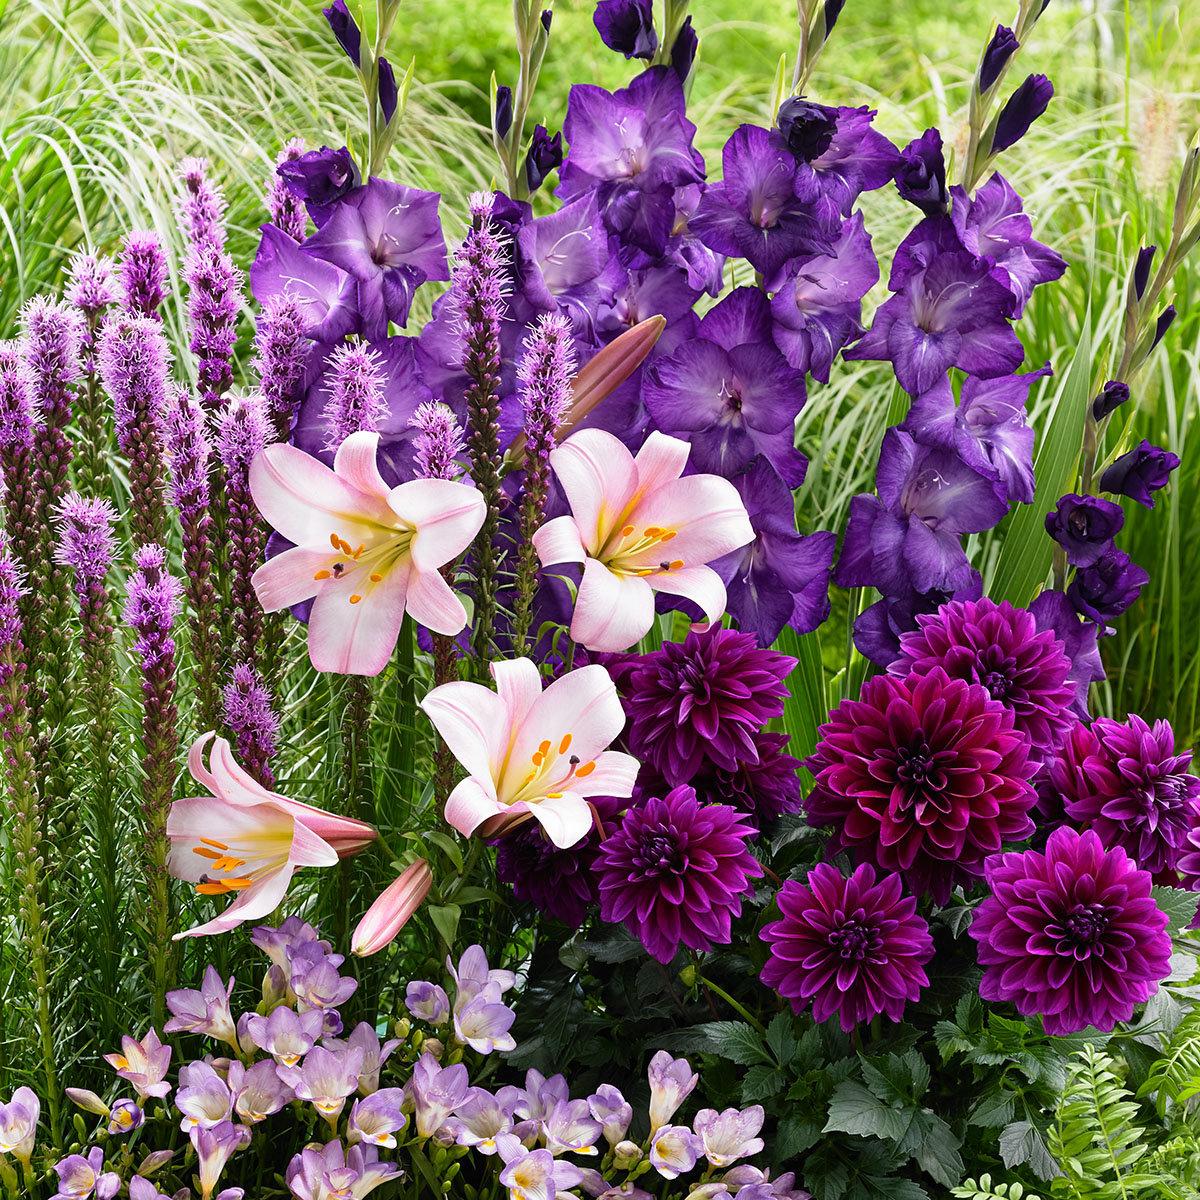 Blumenzwiebel-Sortiment Blau-Violetter Sommer